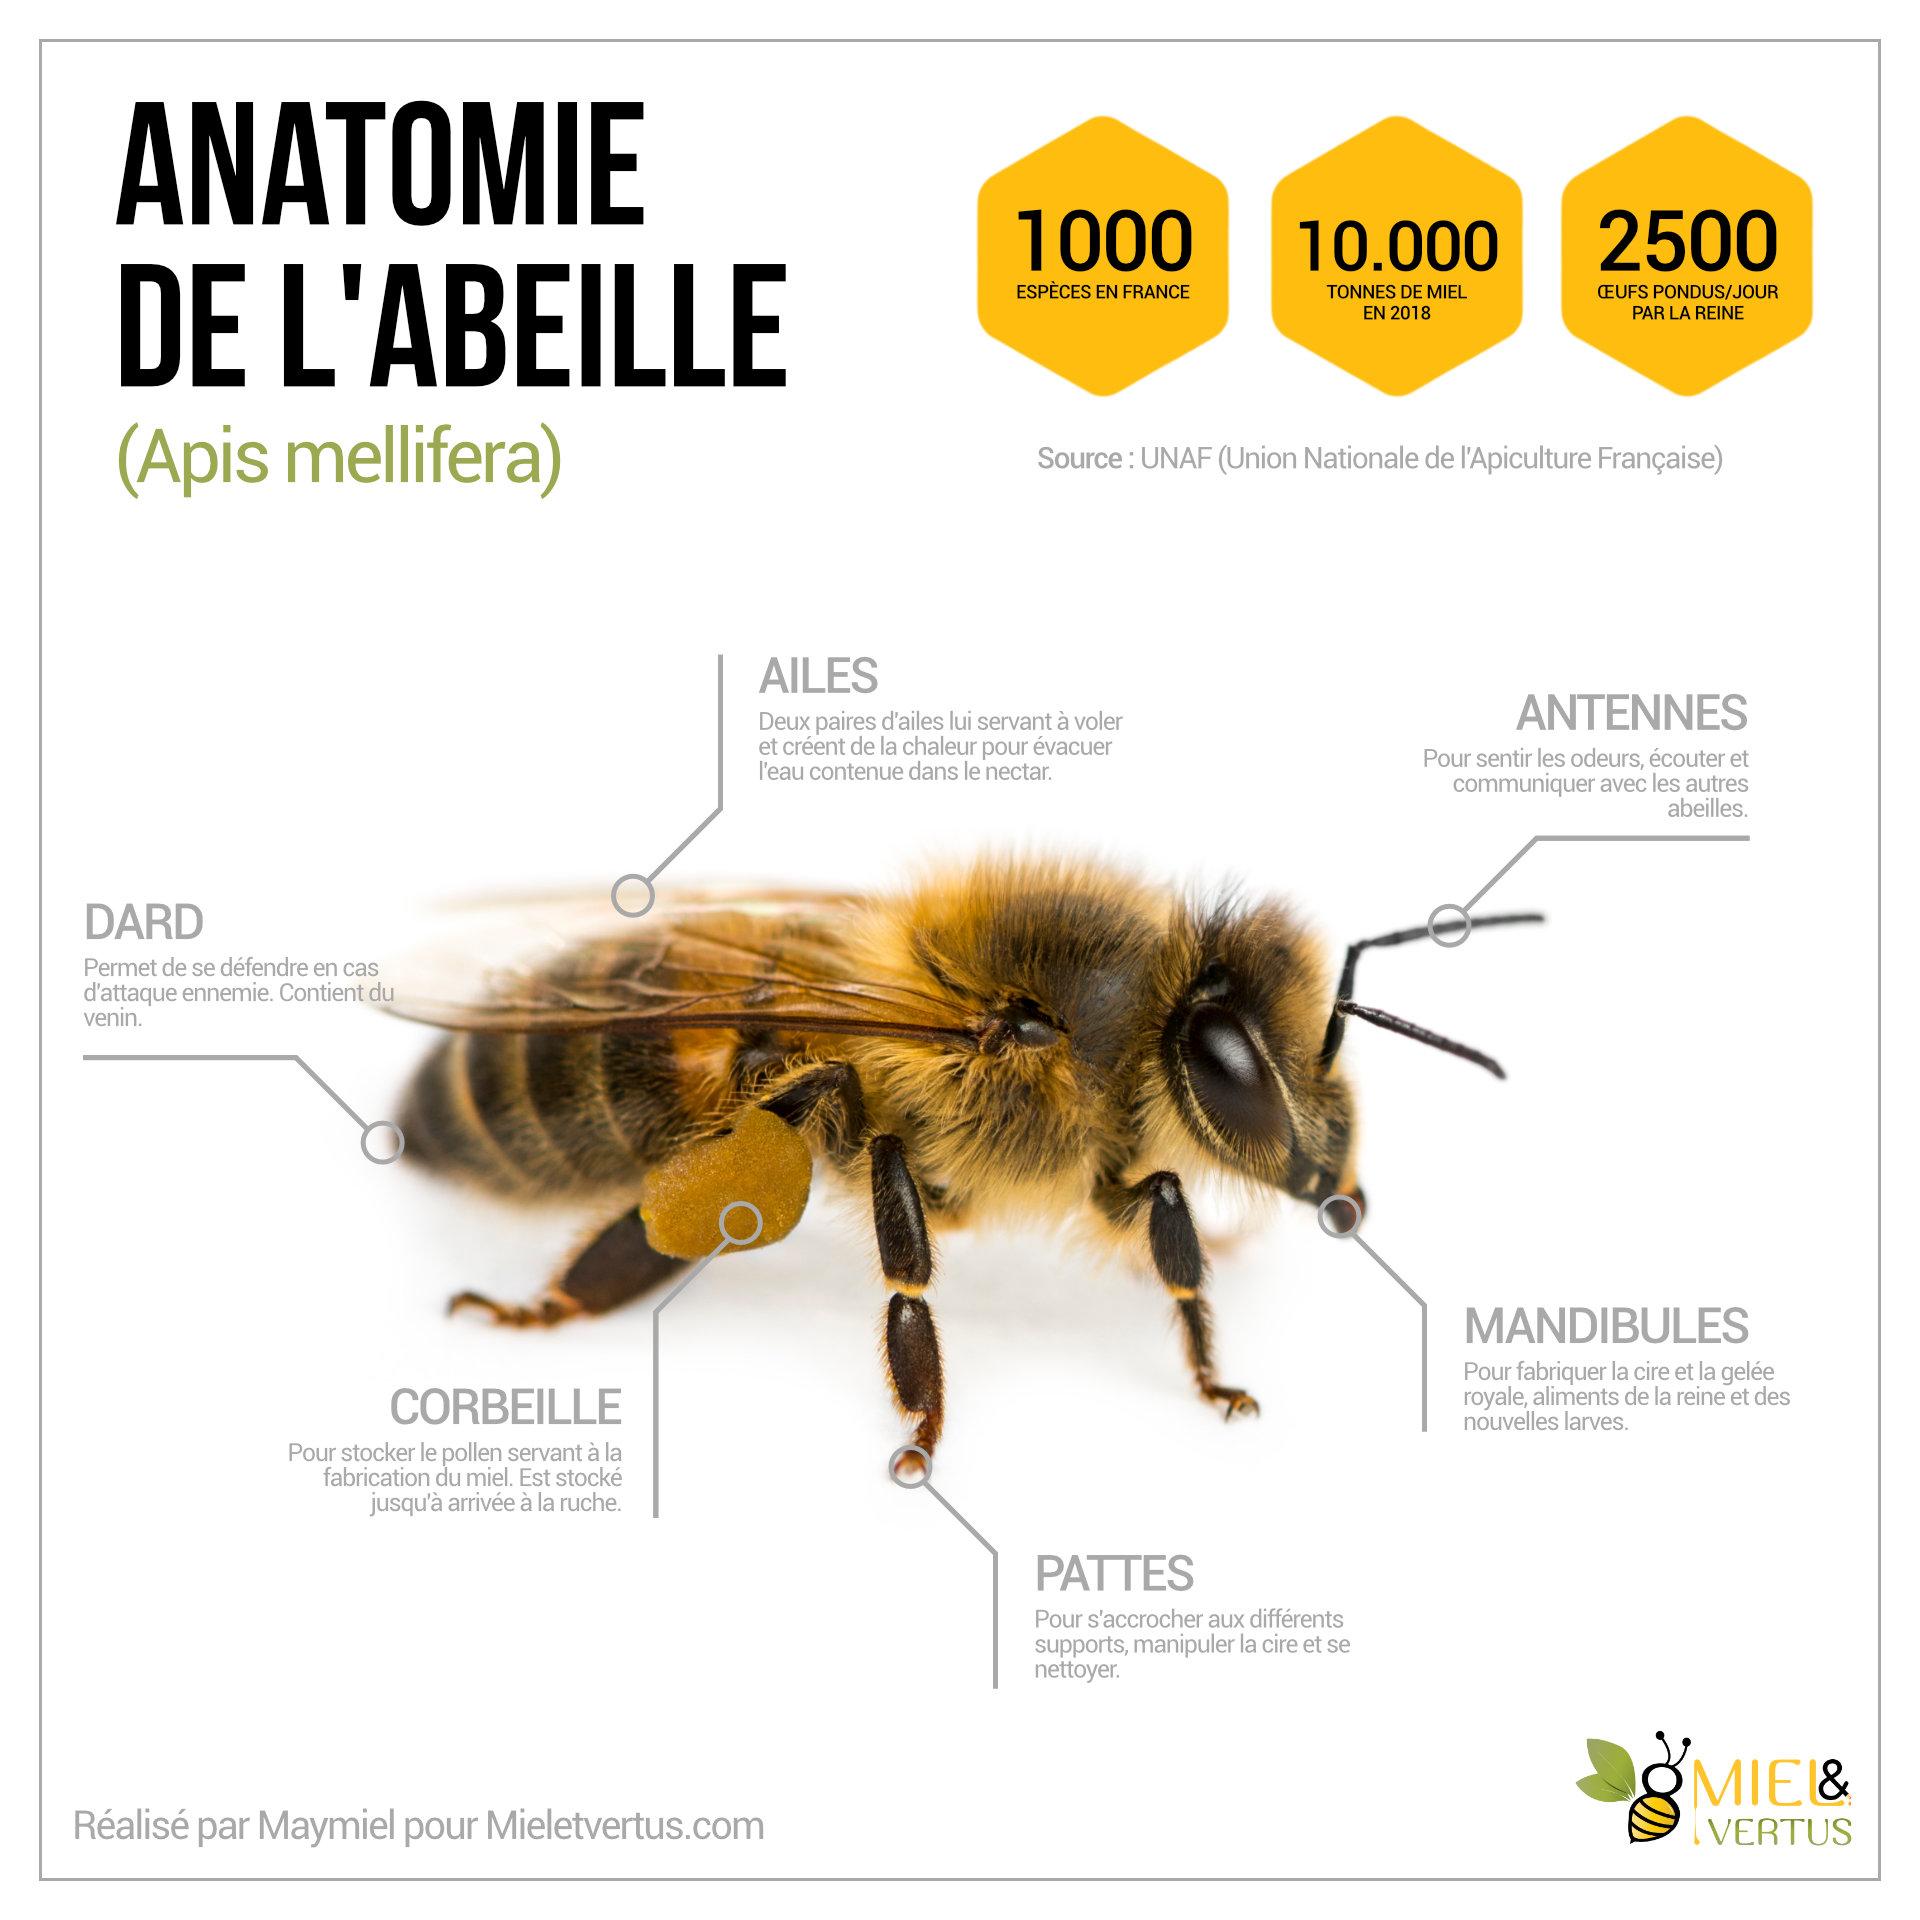 Anatomie-abeille.jpg